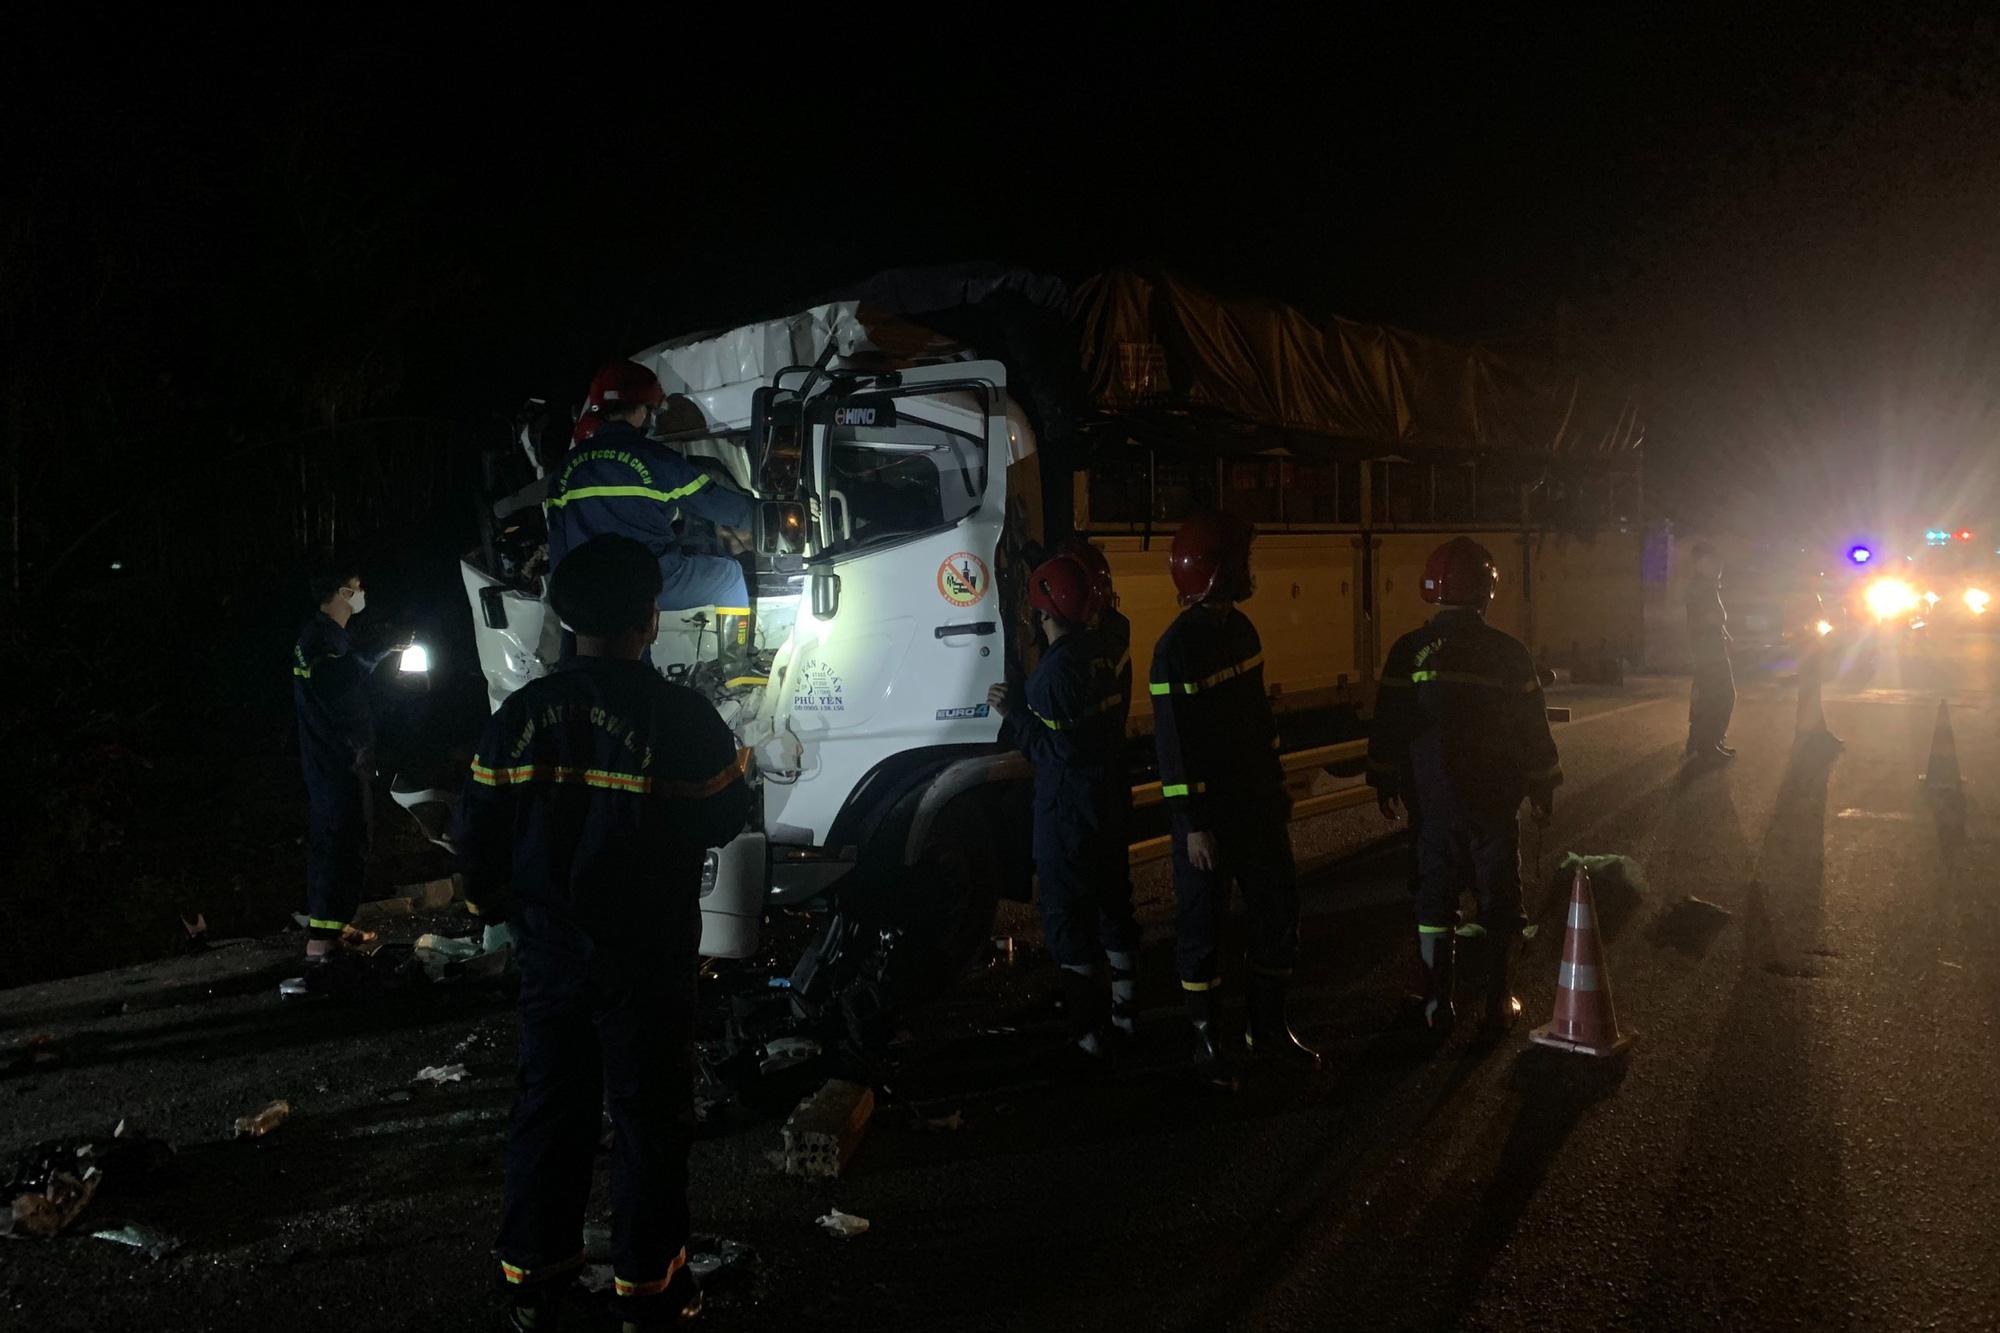 Cảnh sát cắt cabin xe tải giải cứu 2 người mắc kẹt - Ảnh 1.